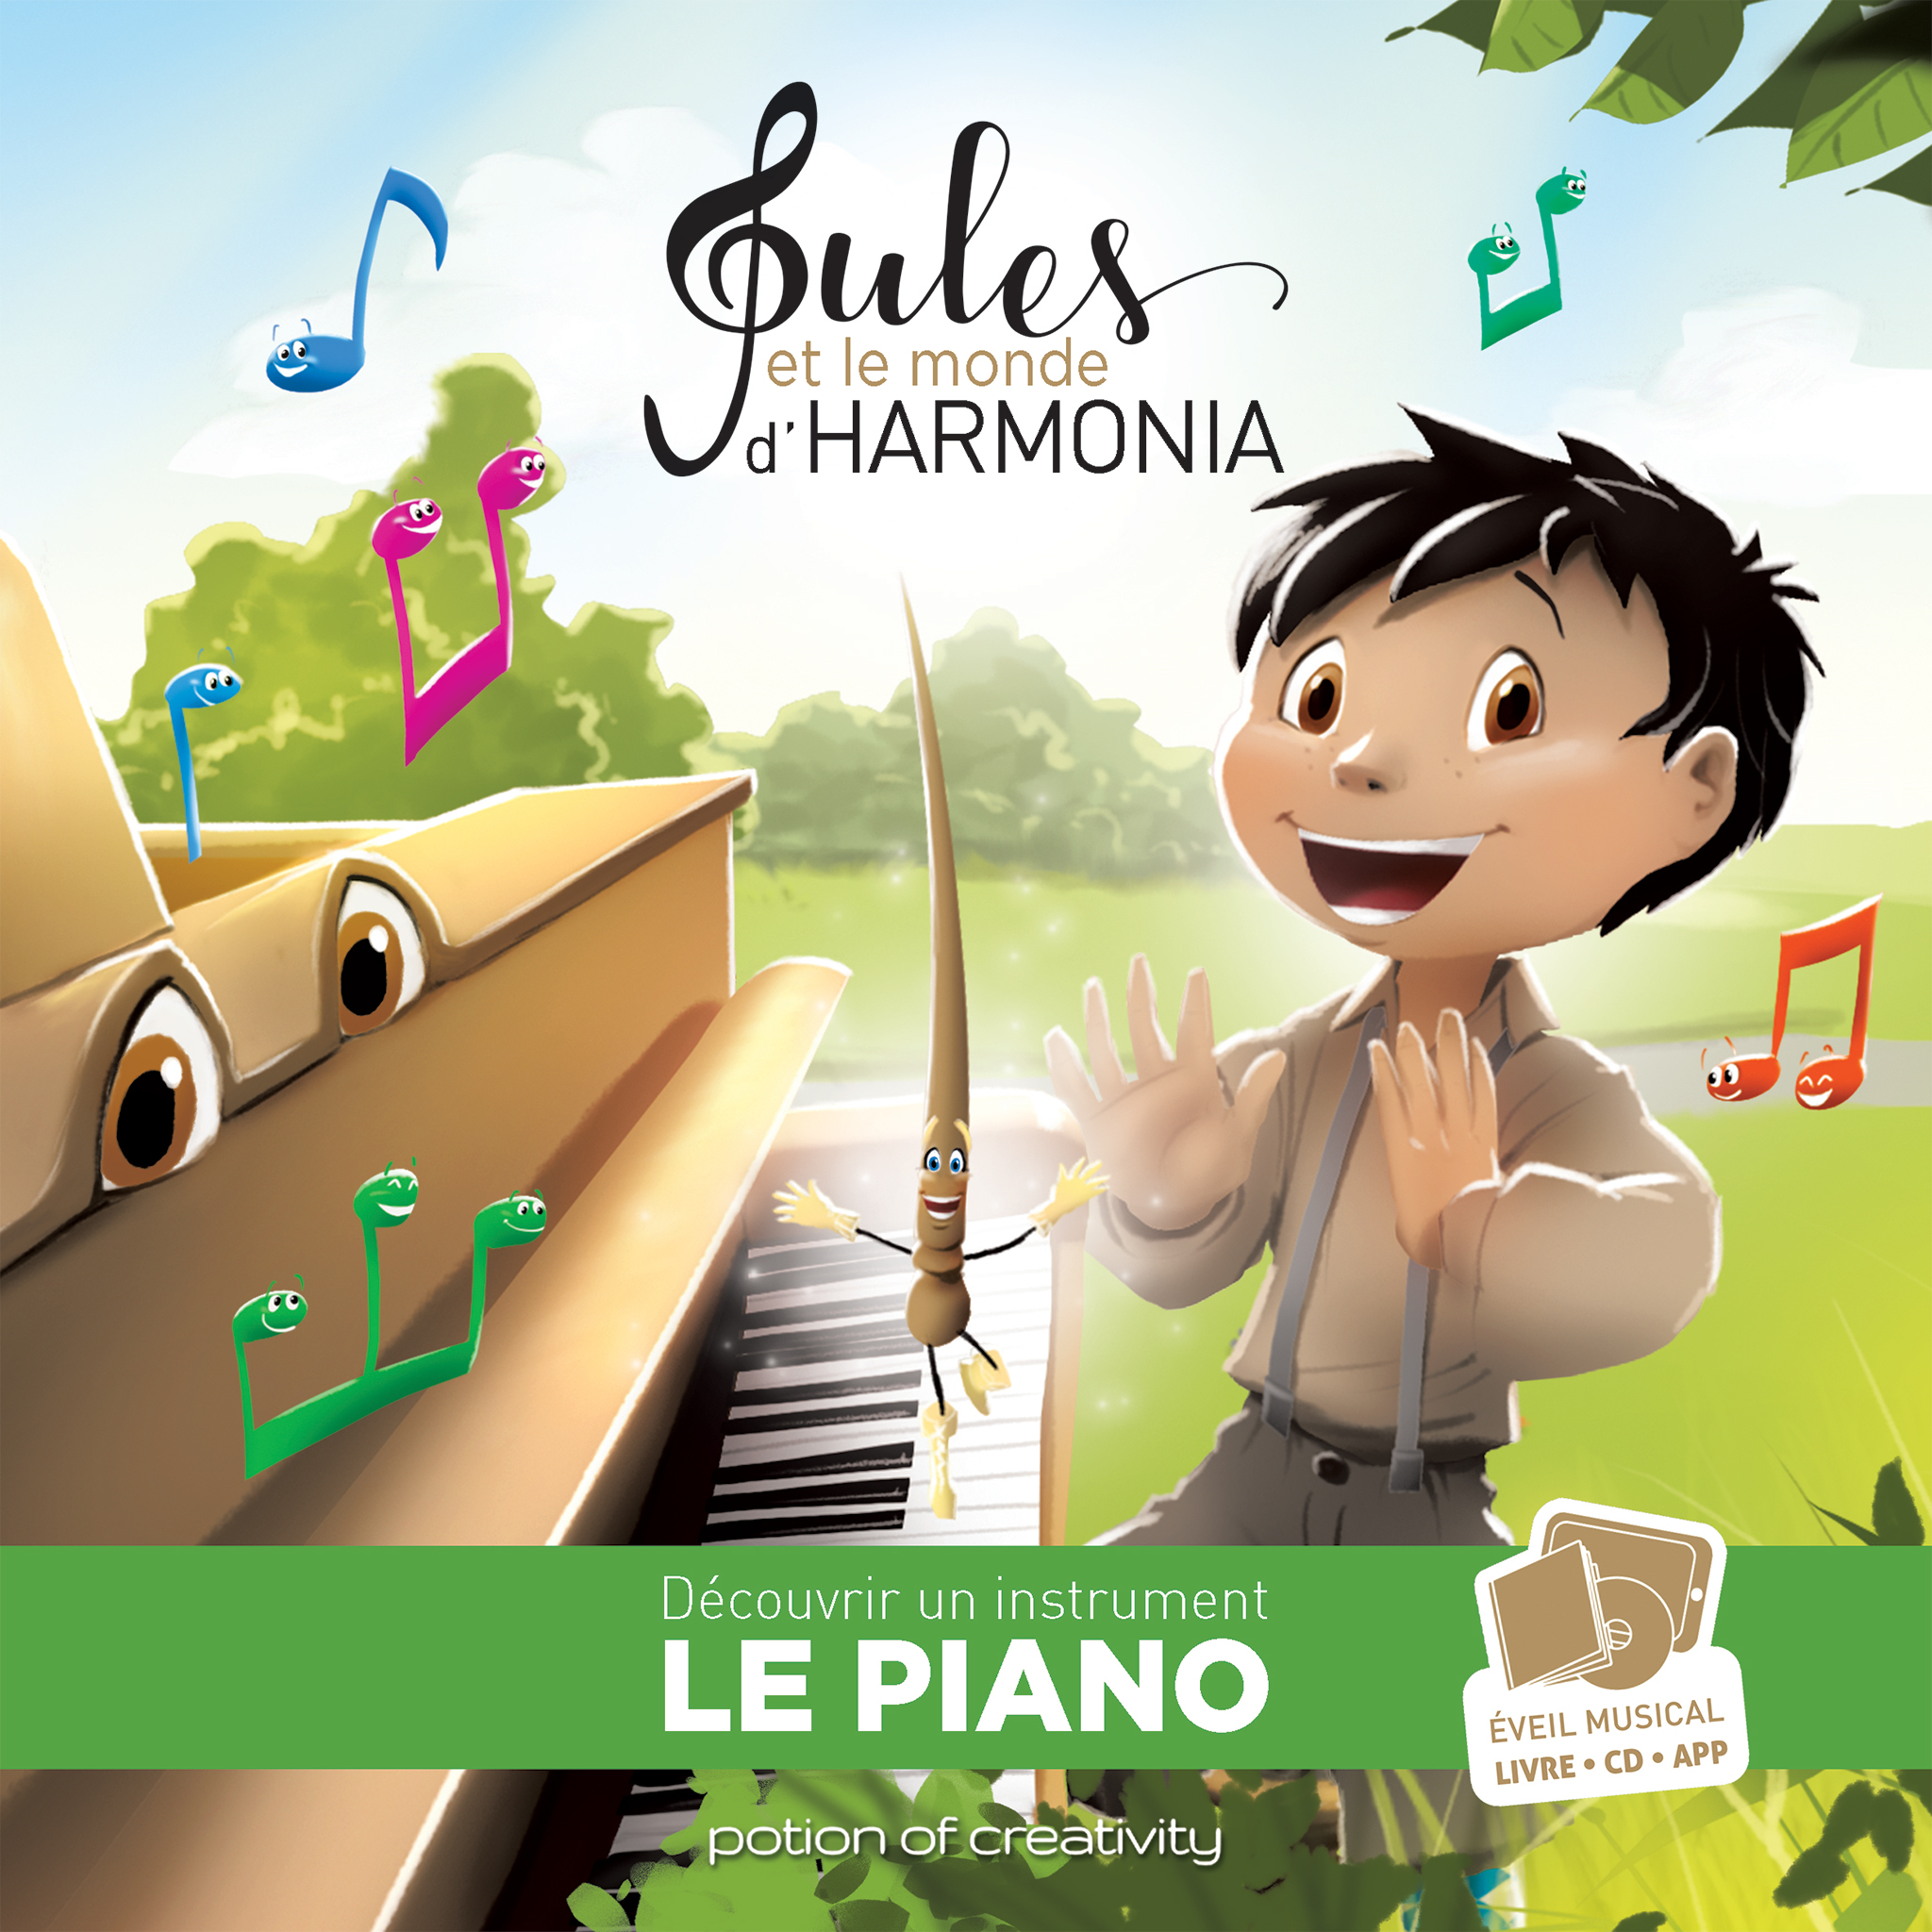 JULES ET LE MONDE D'HARMONIA - EPISODE 1 - LE PIANO